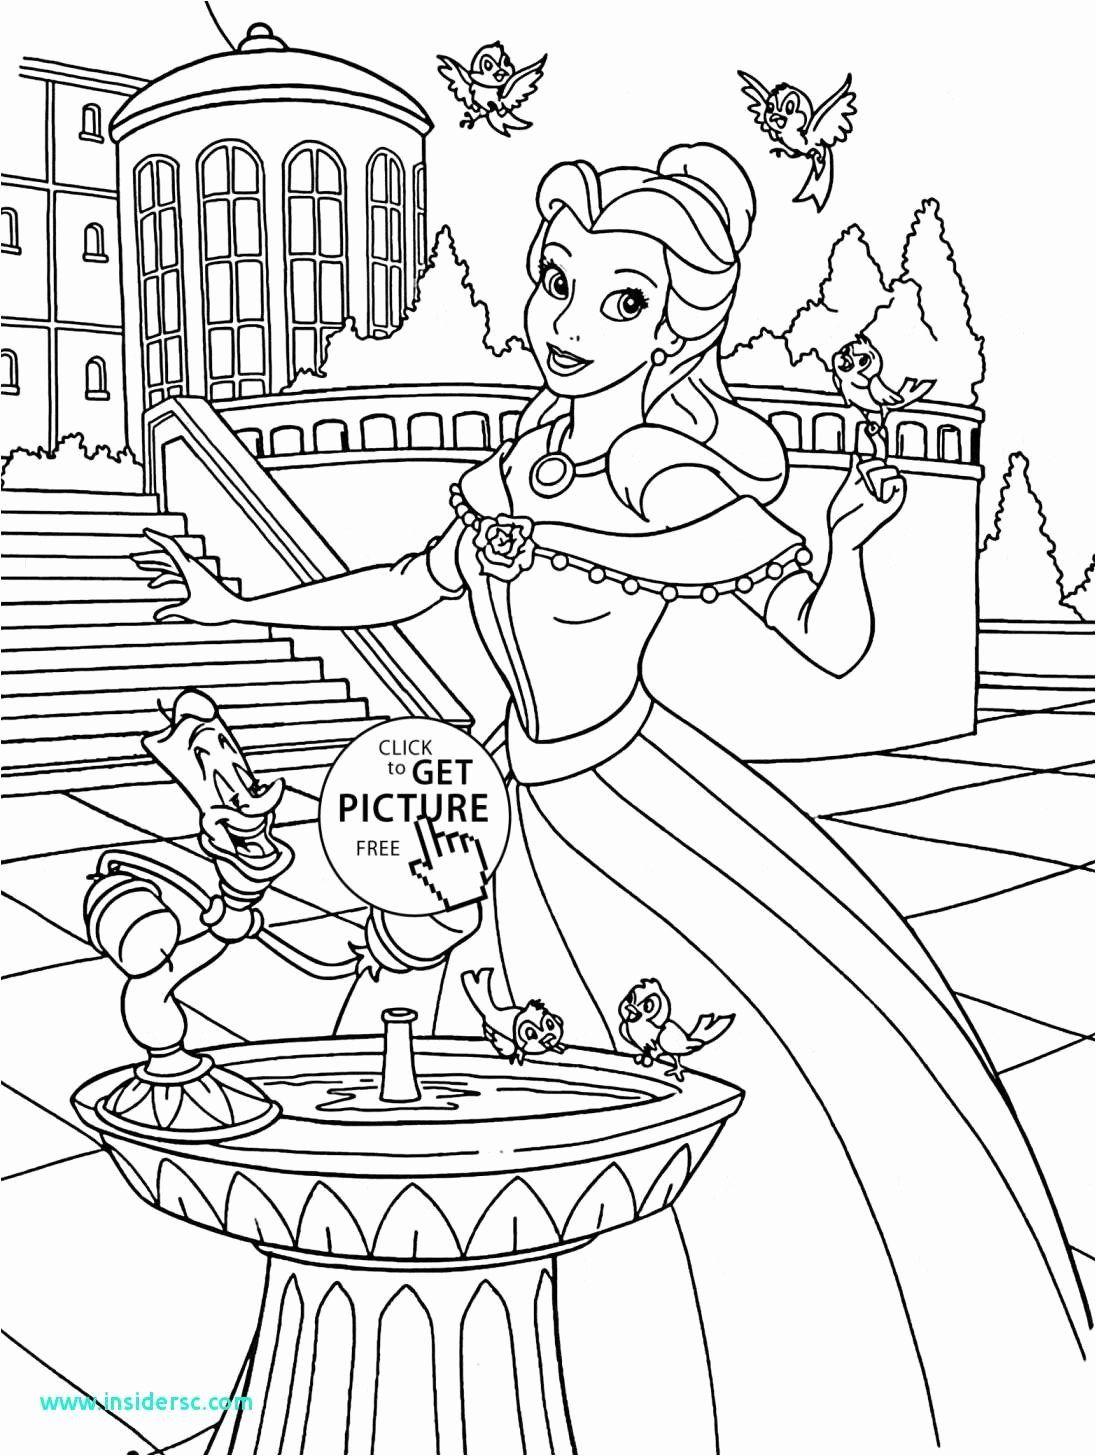 Anime Drawing Book Pdf Di 2020 Dengan Gambar Disney